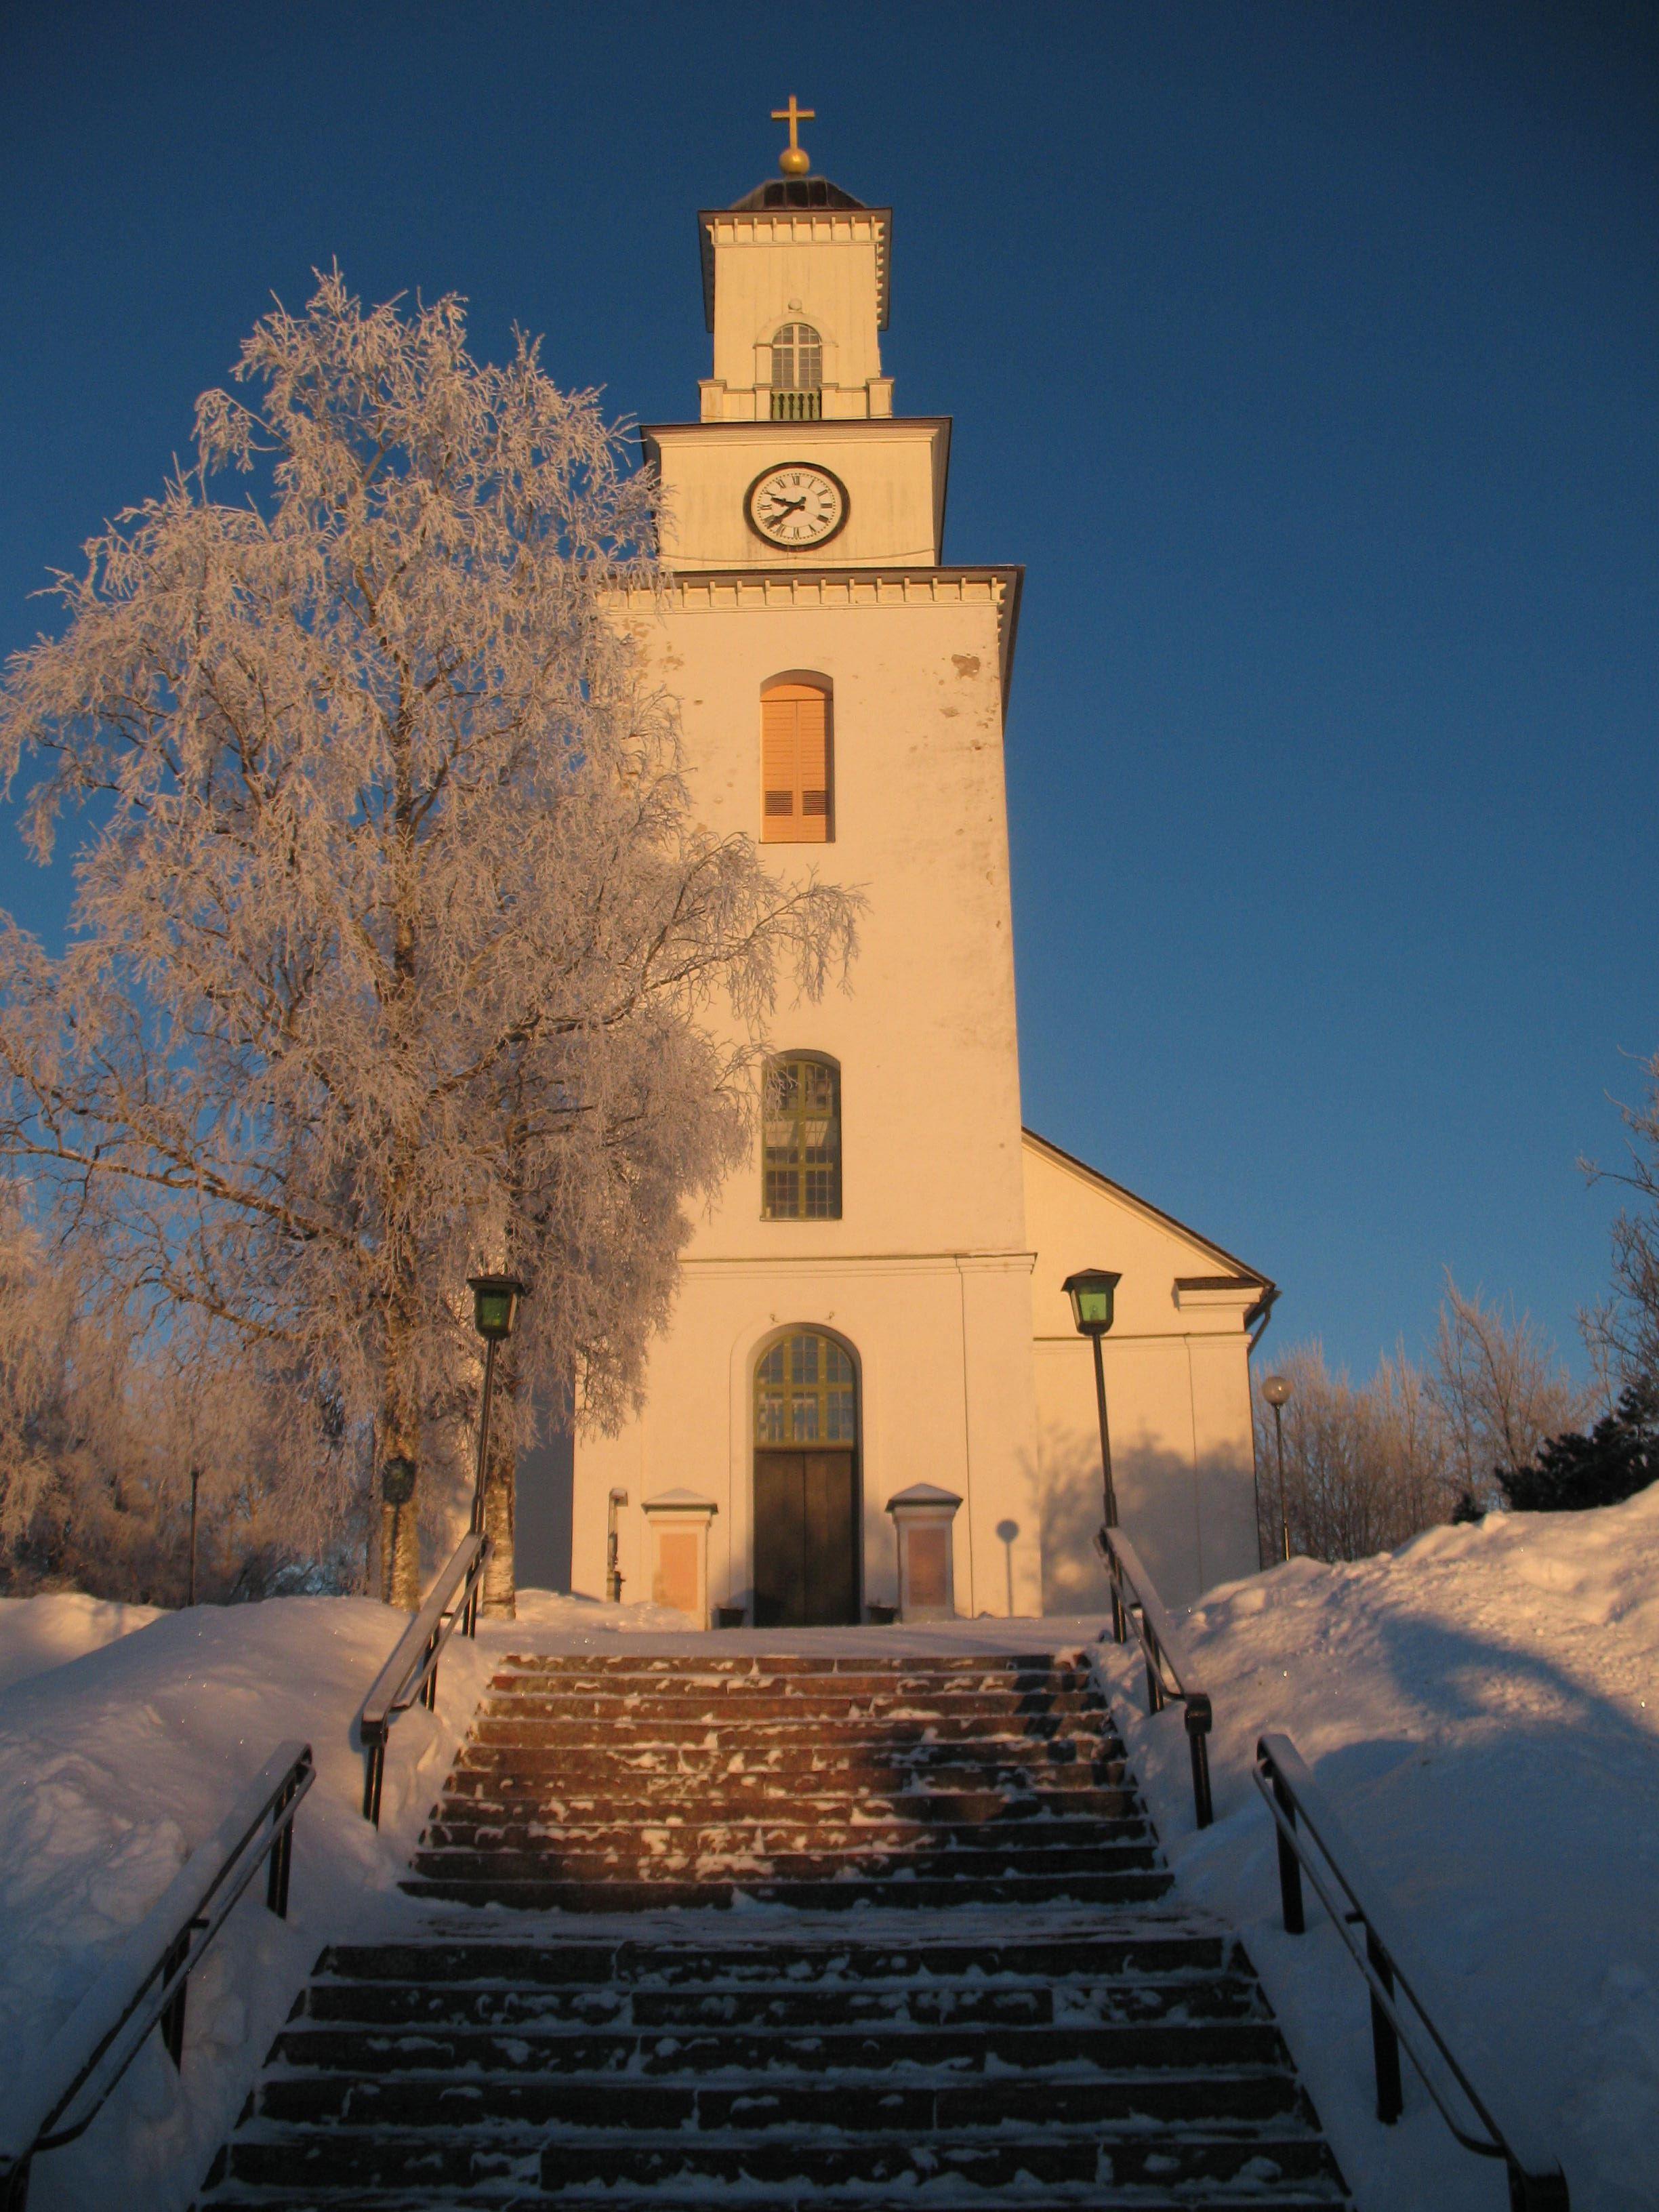 Vi sjunger och spelar in julen, Boda kyrka